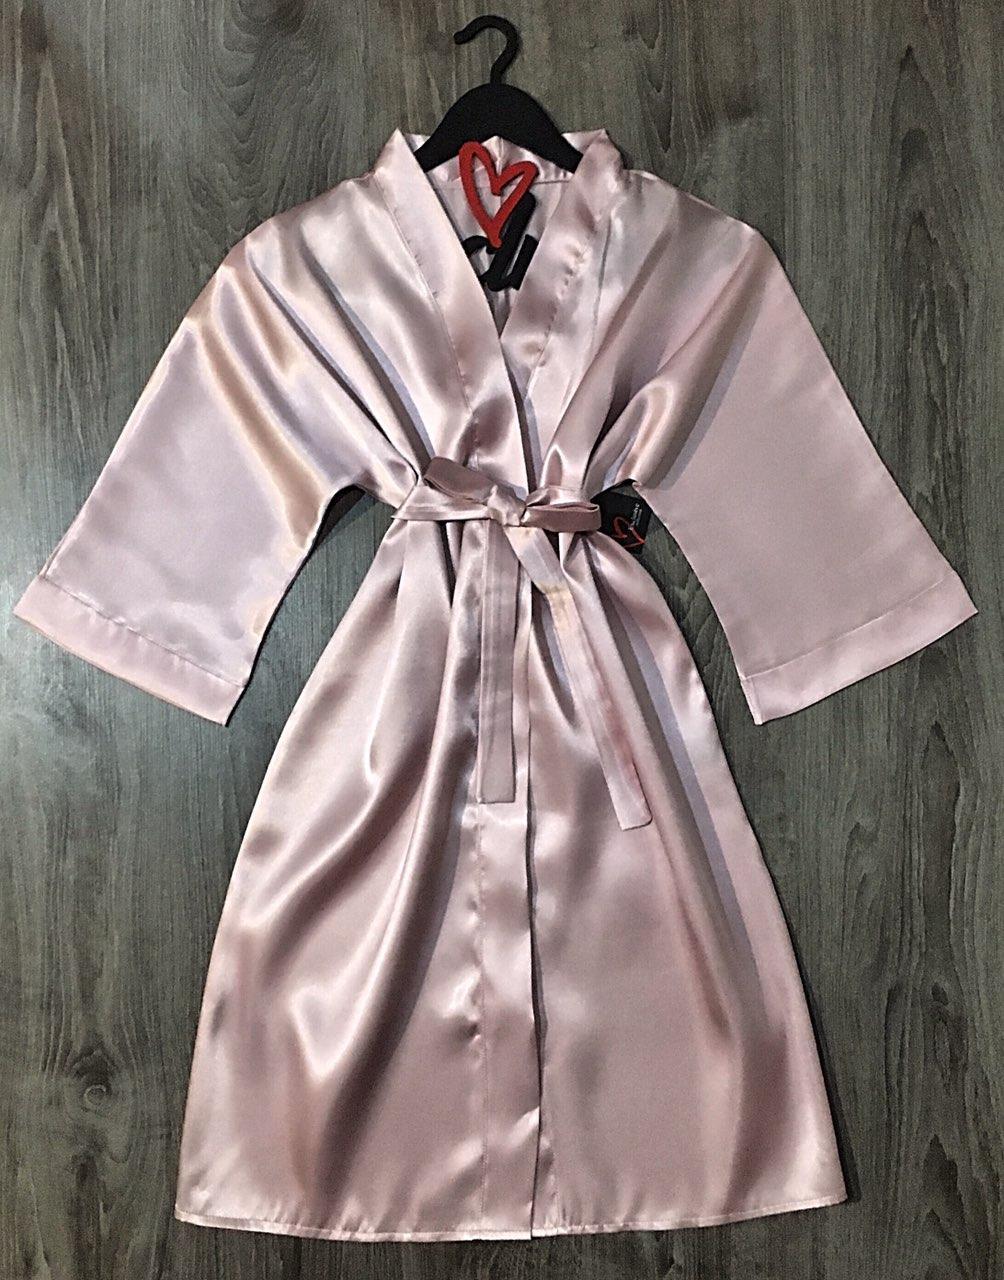 Атласный халат пудрового цвета, женская одежда размер 46-48